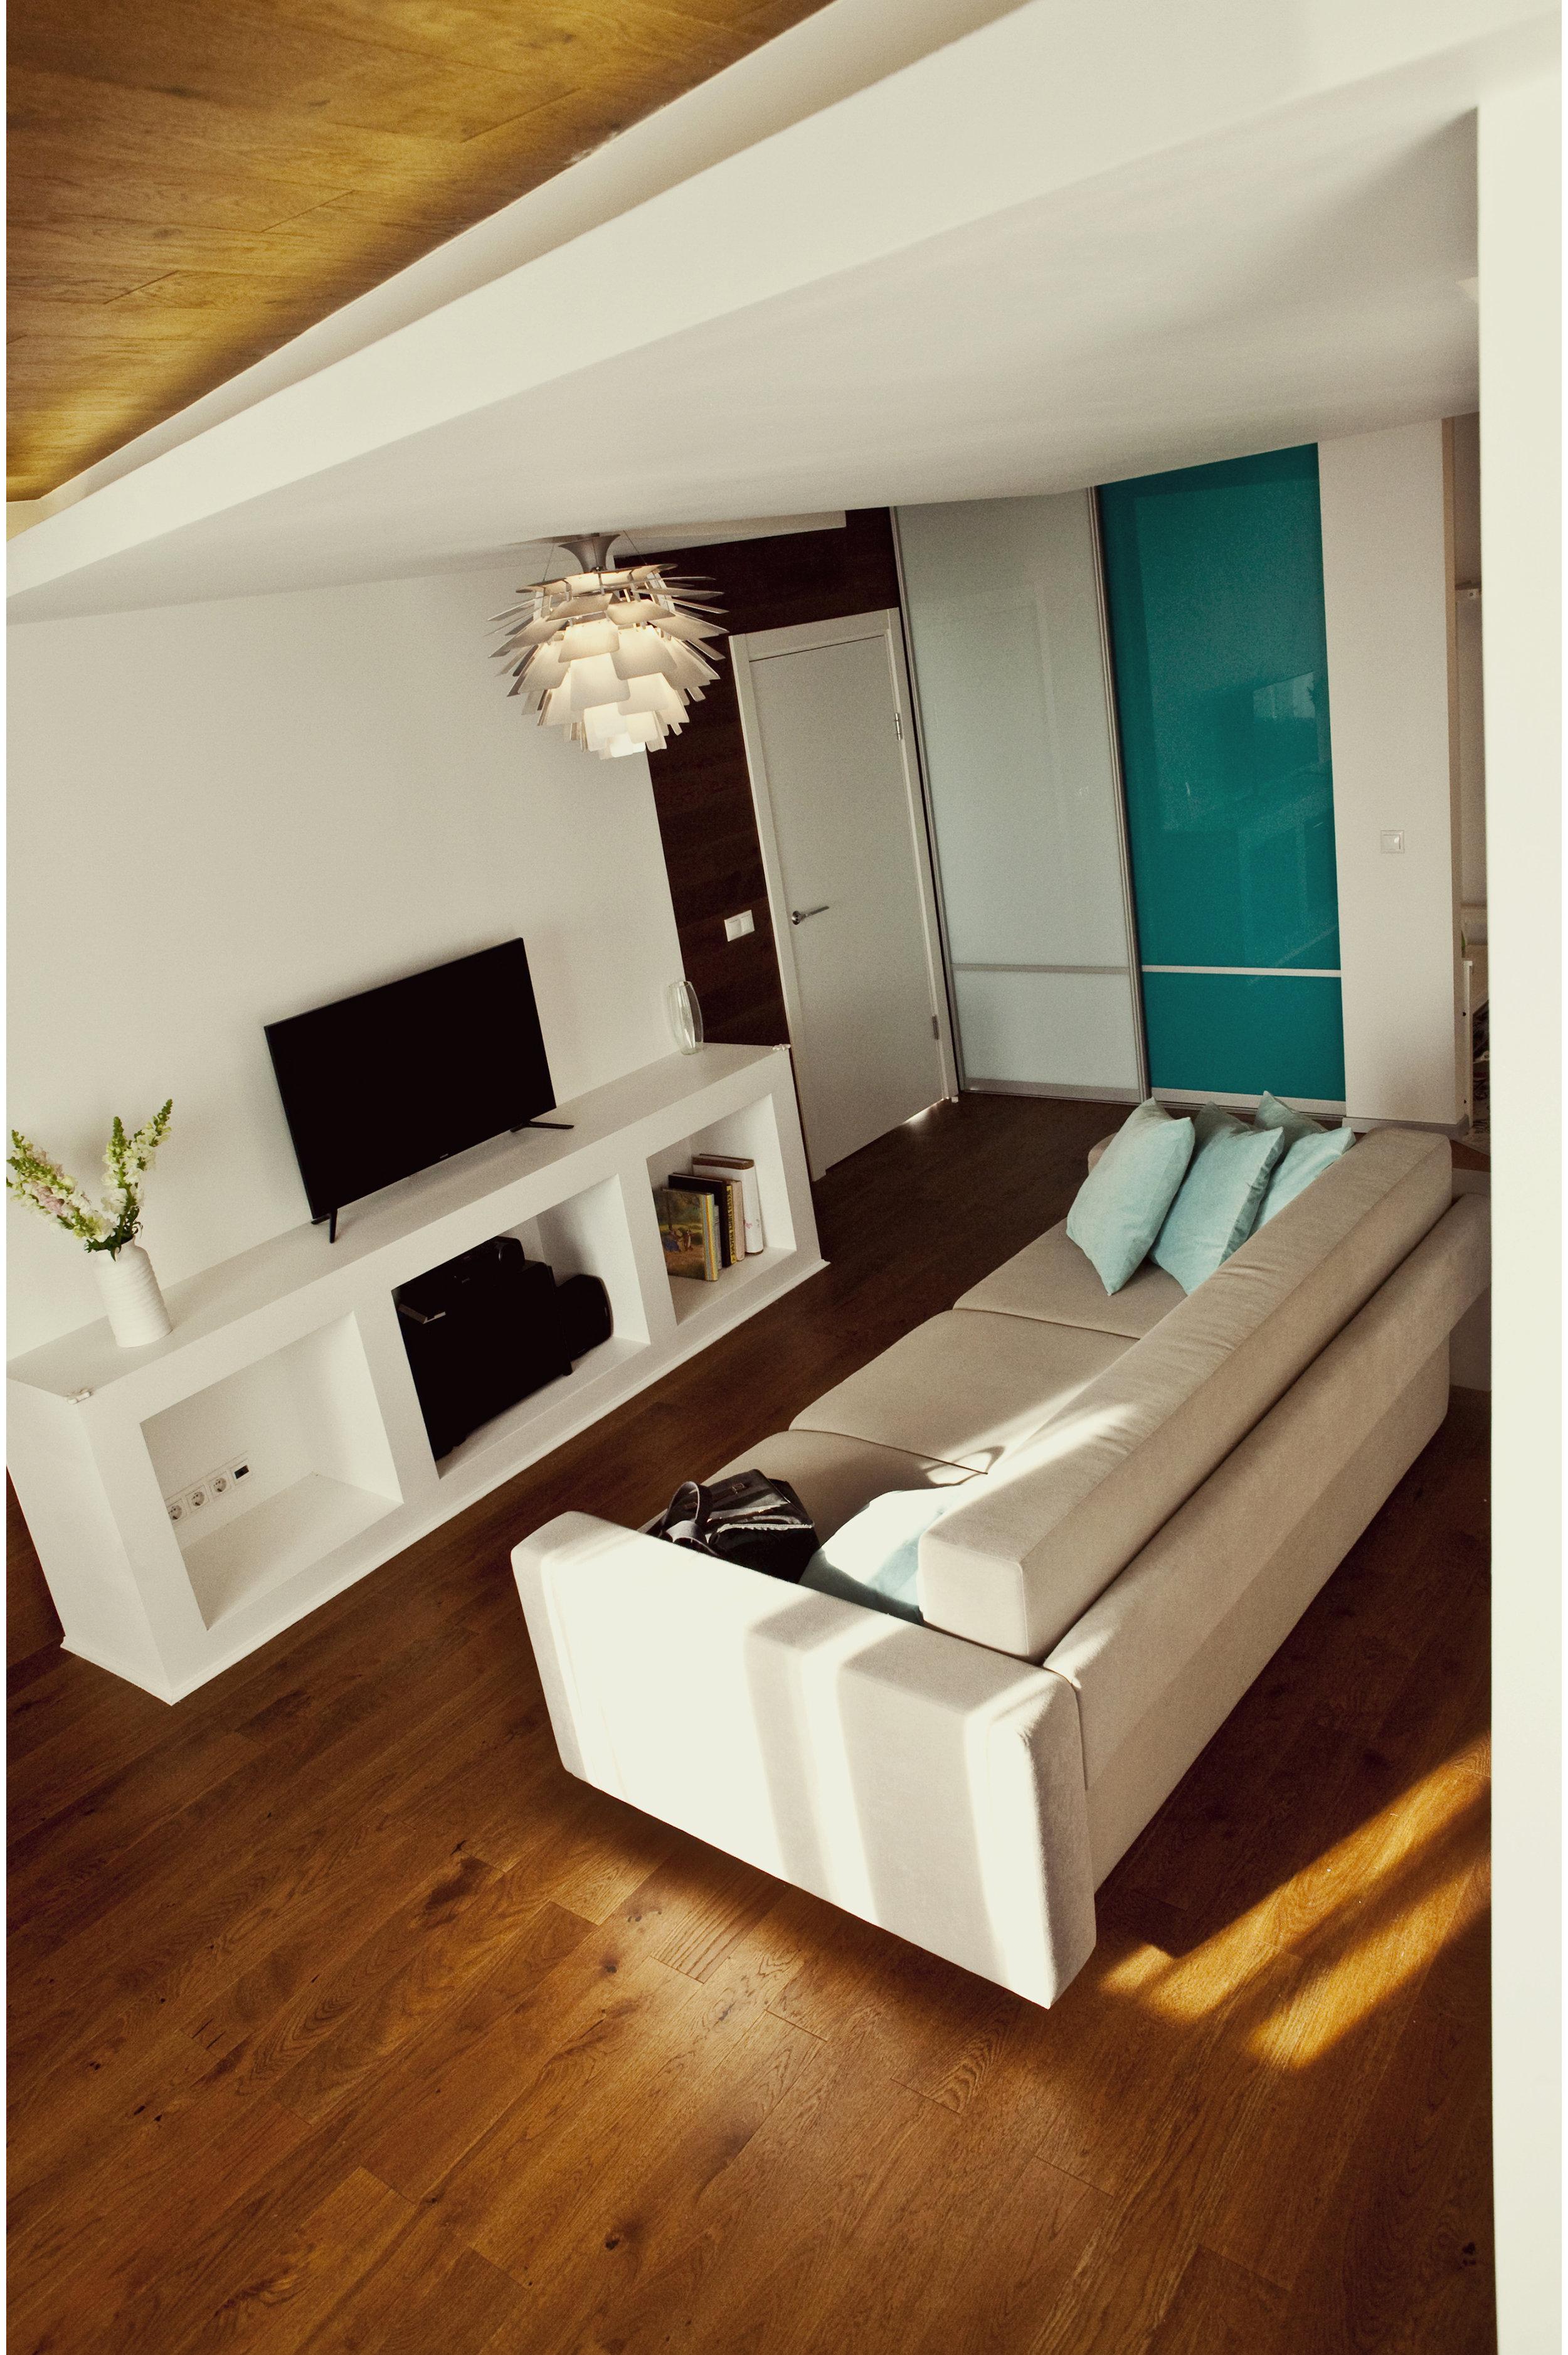 Copy of Contemporary living room interior